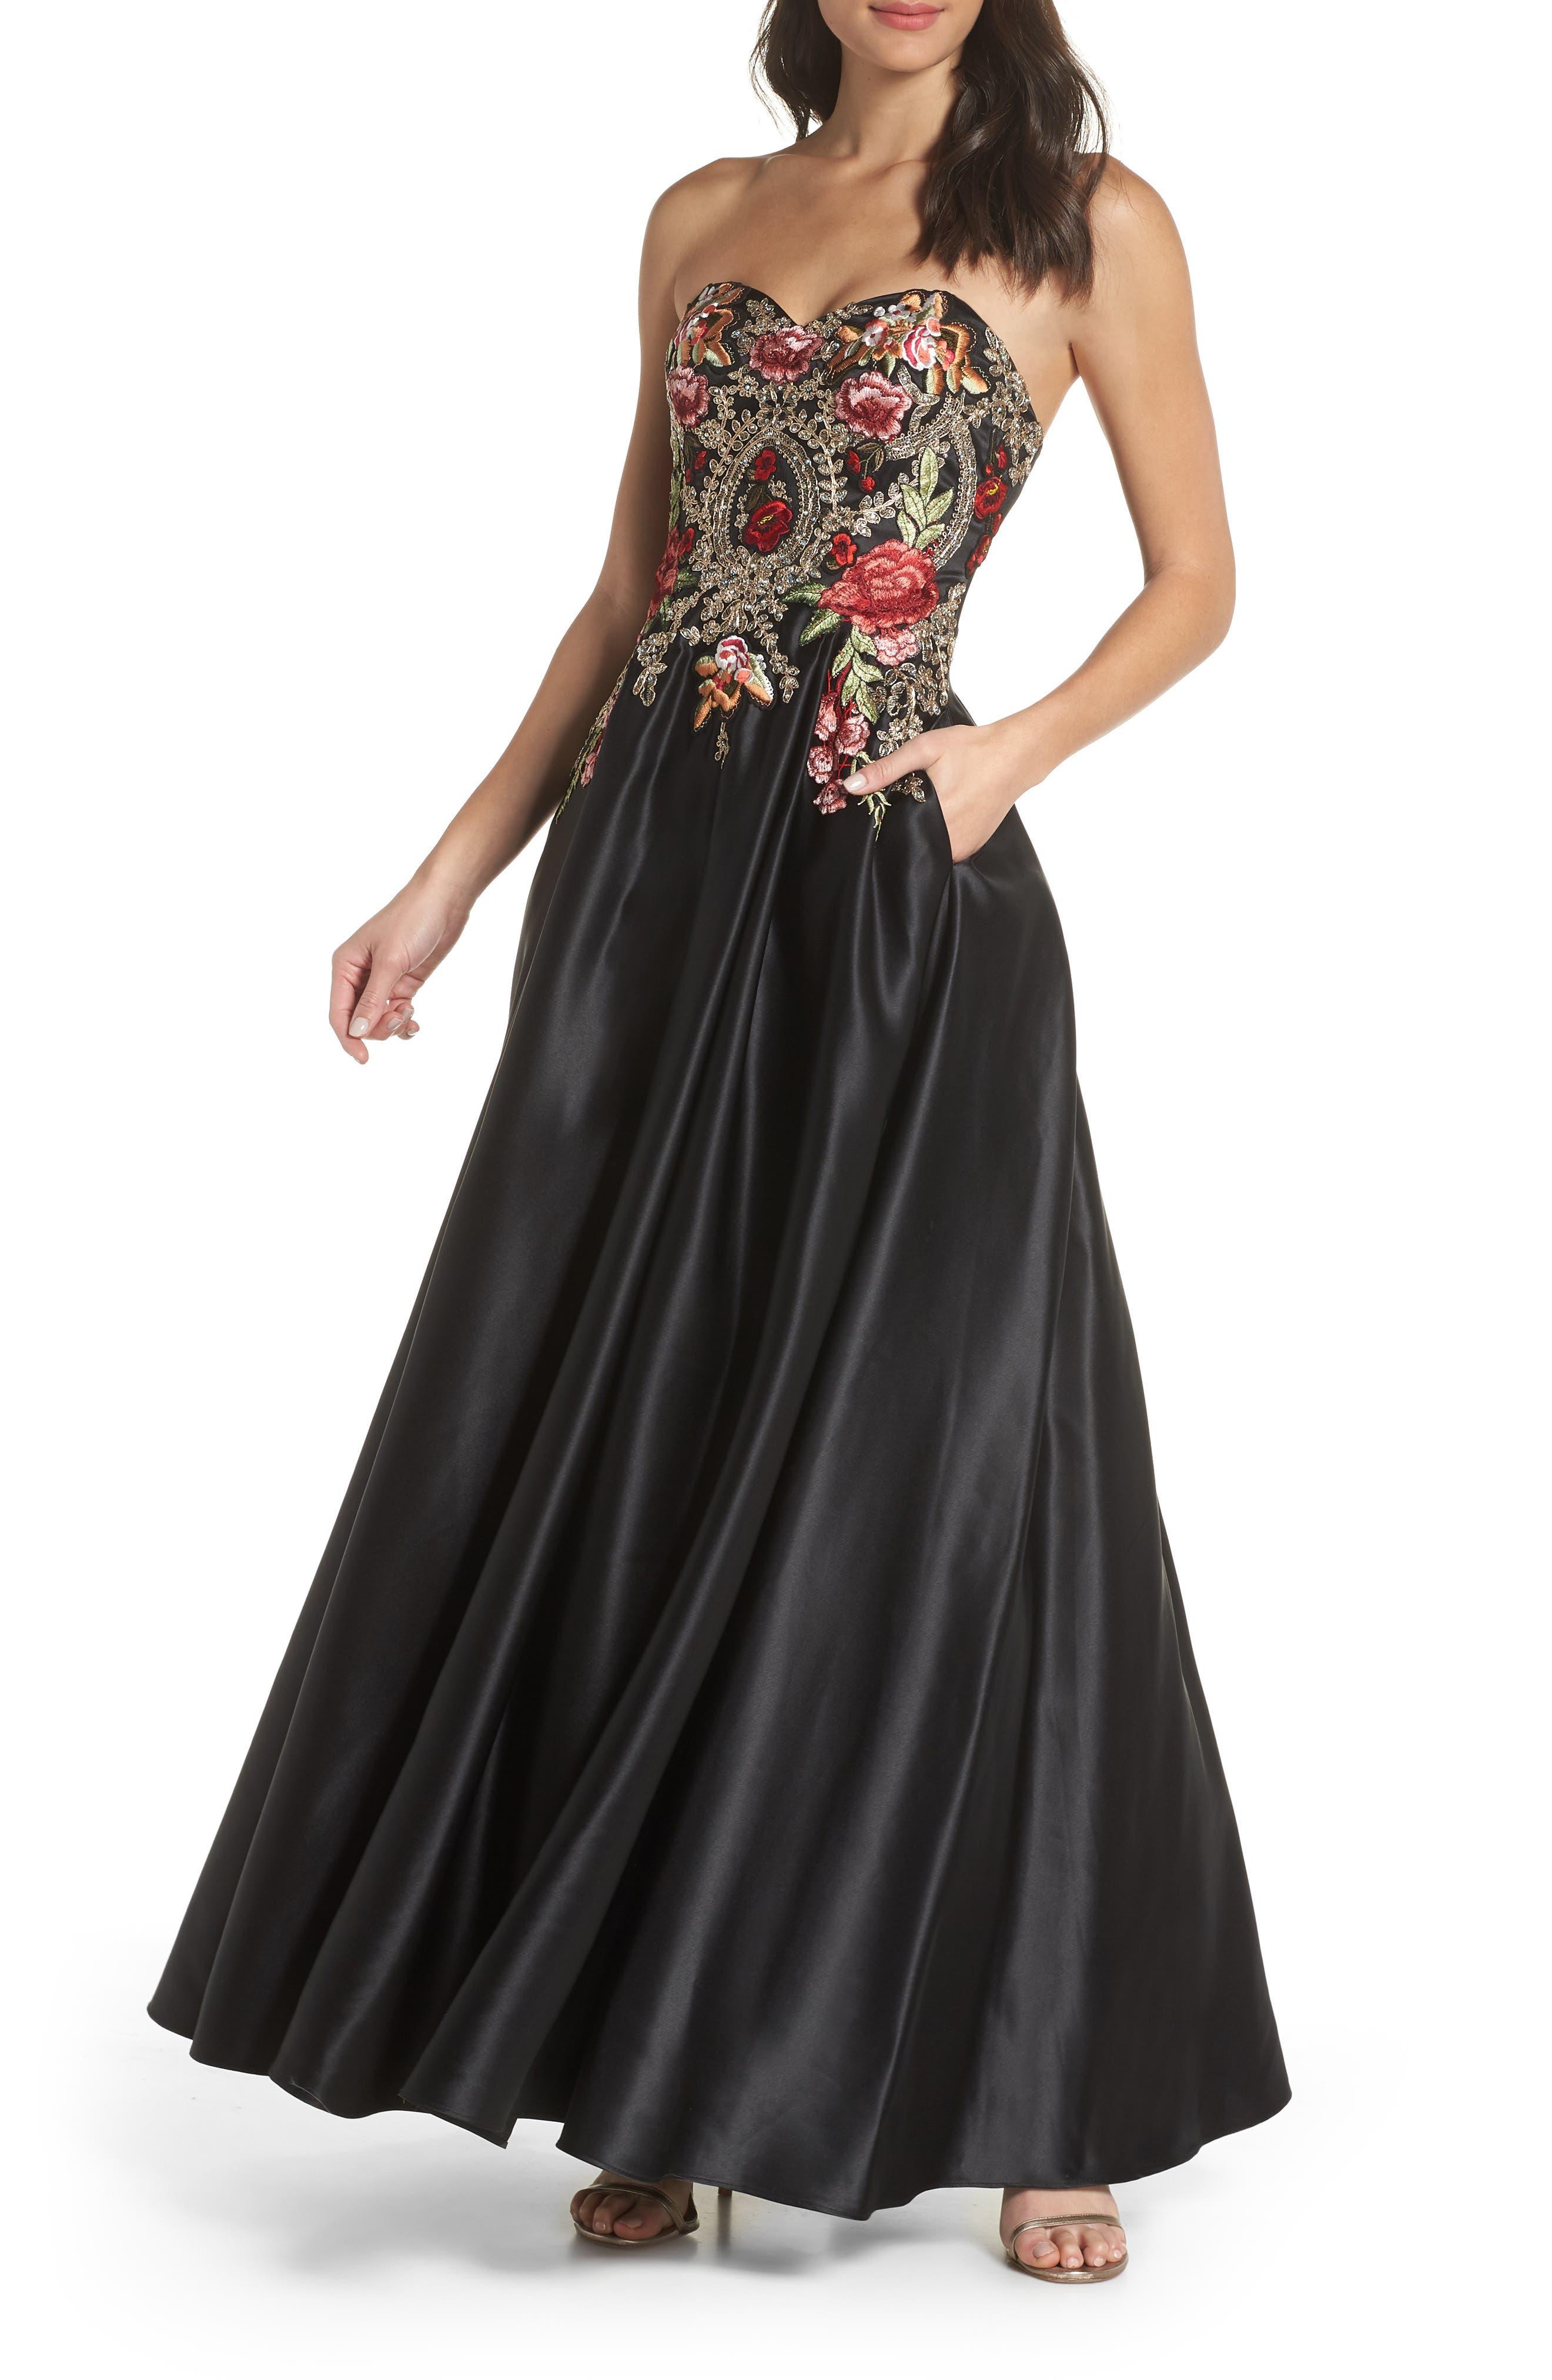 Blondie Nites Embroidered Applique Strapless Ballgown, Black